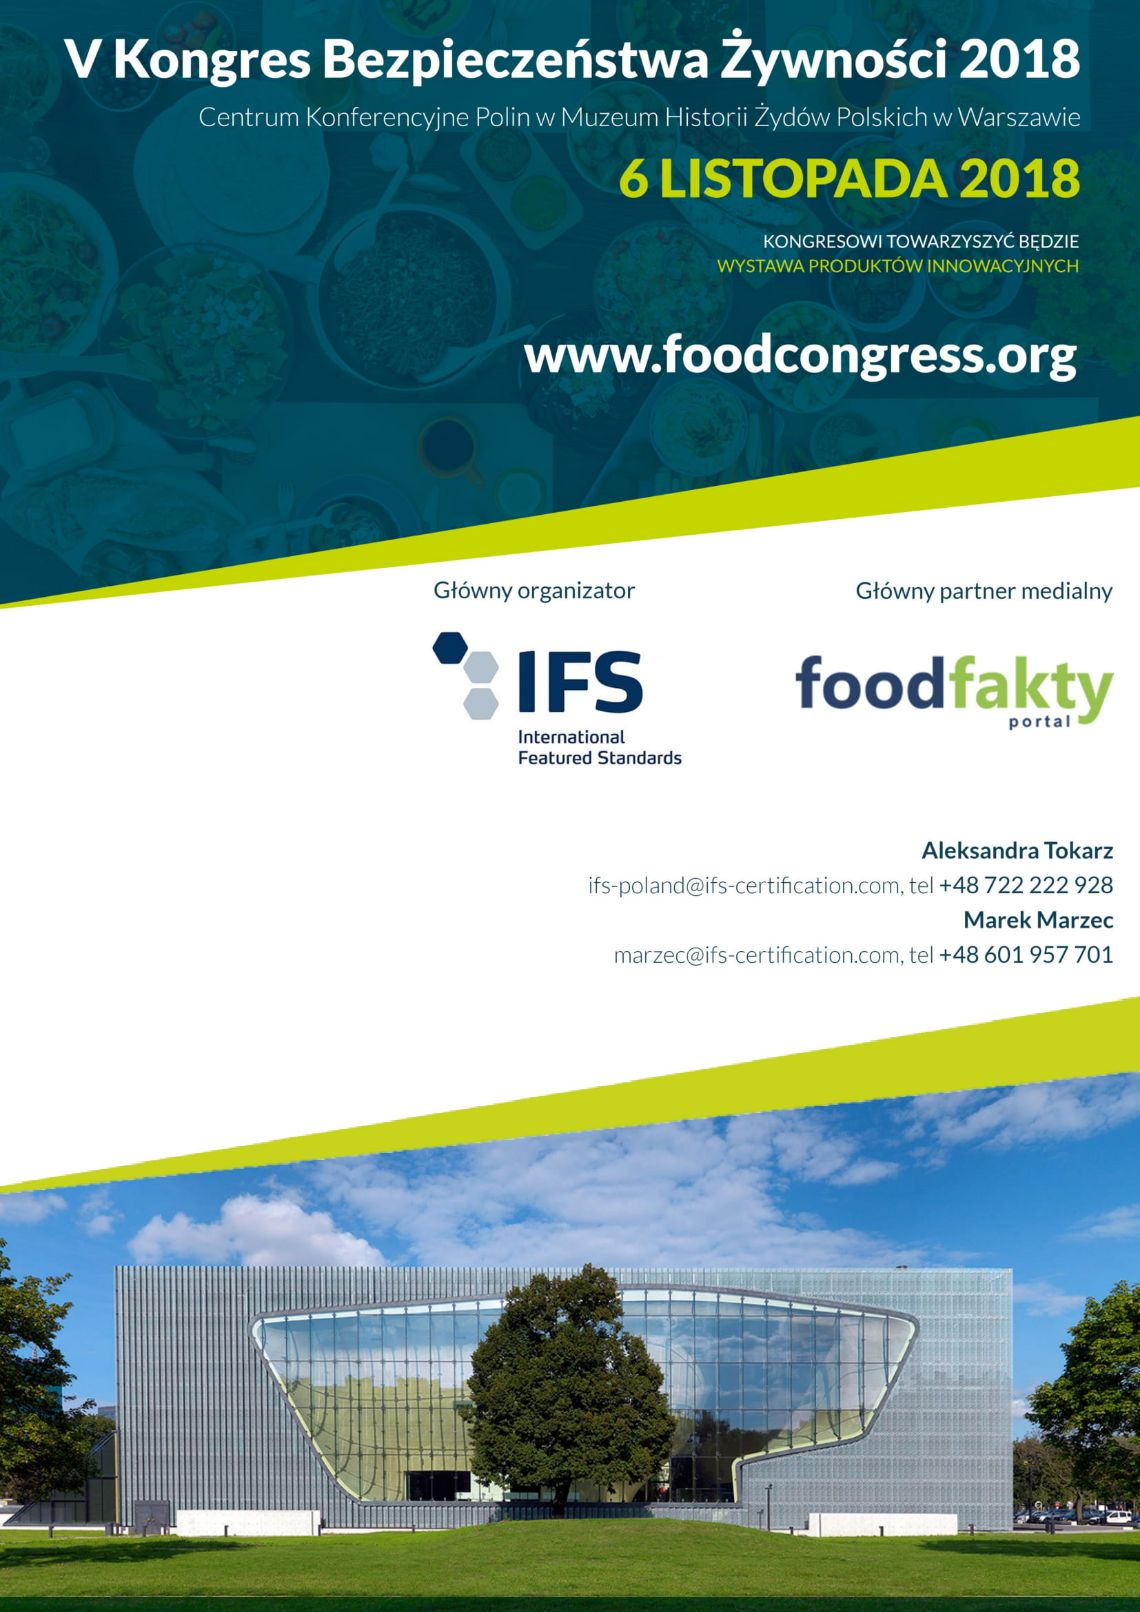 V Kongres Bezpieczeństwa Żywności